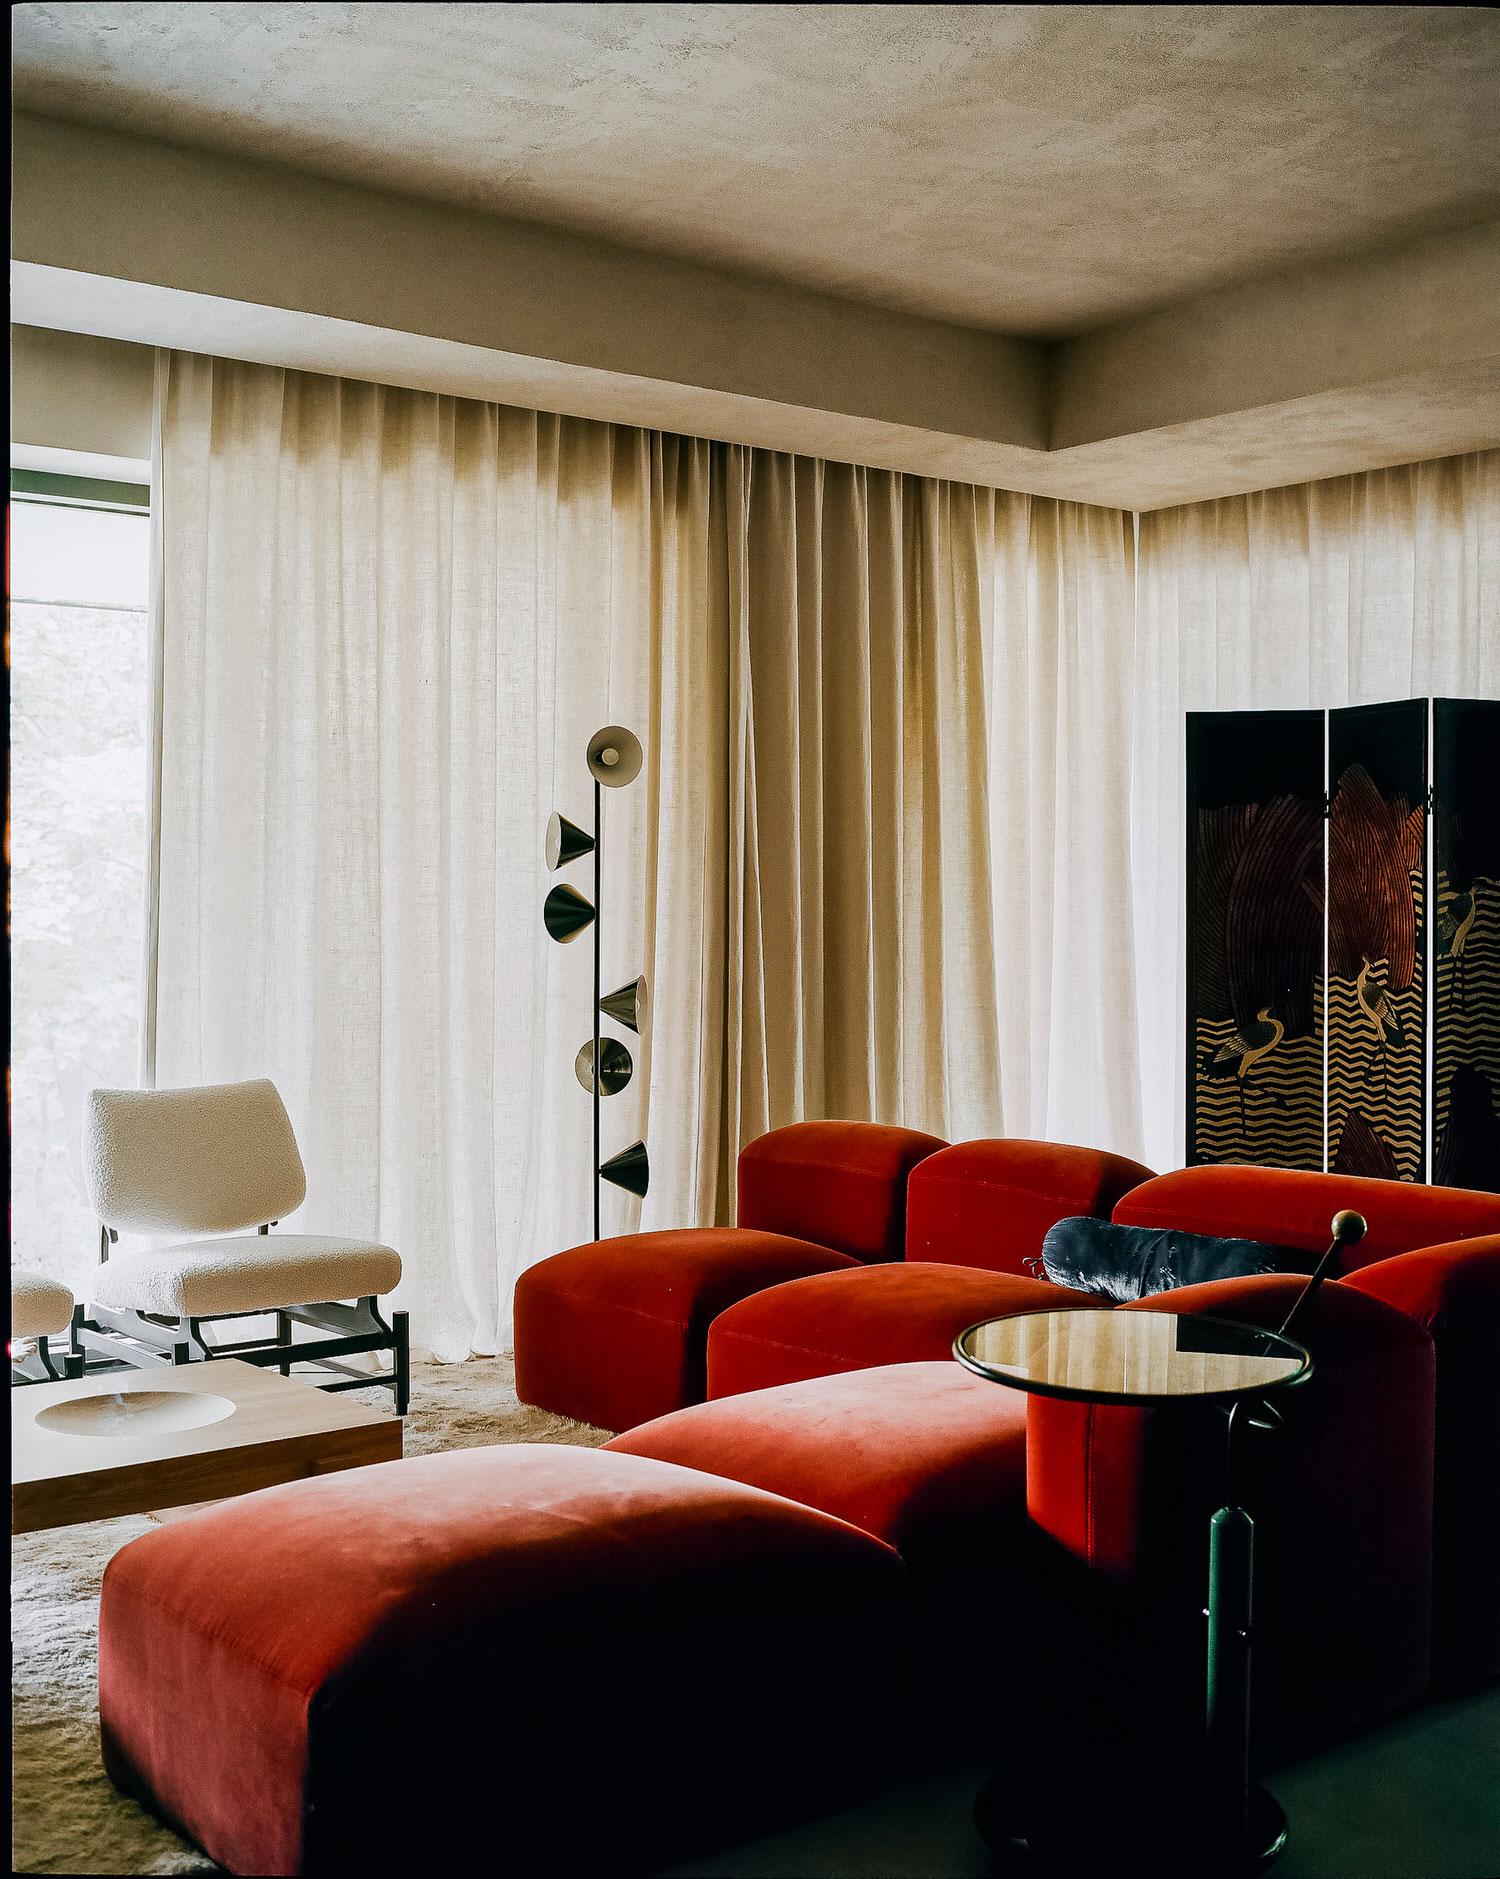 Paradowski Studio Fnl Apartment Warsaw Interiors Photo Pion Studio Yellowtrace 28